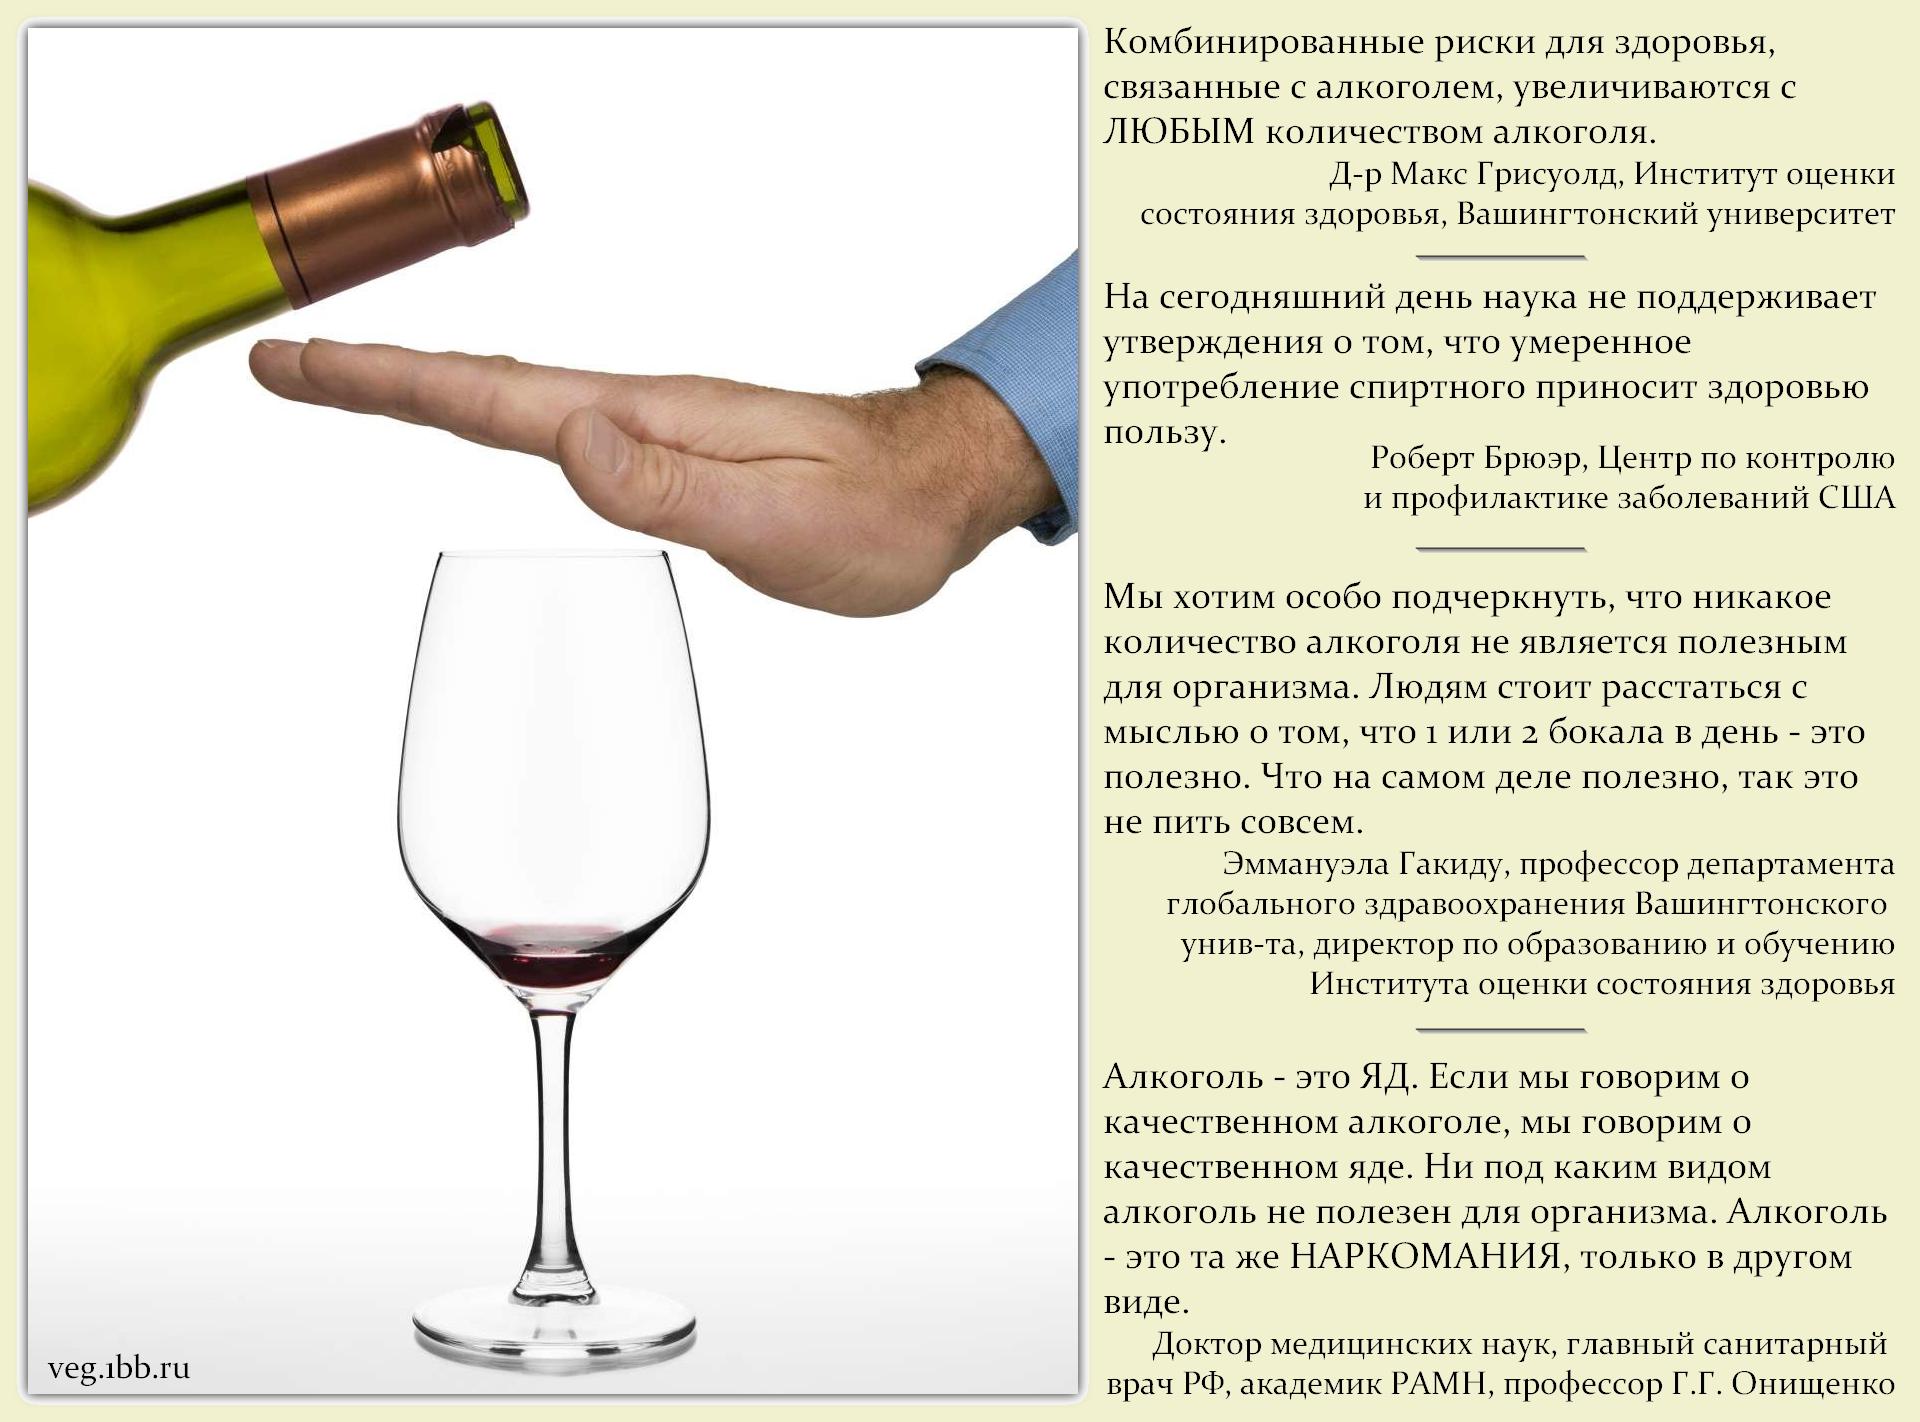 Чем вреден алкоголь: вред и польза алкогольных напитков для организма, употребление спиртного в малых дозах